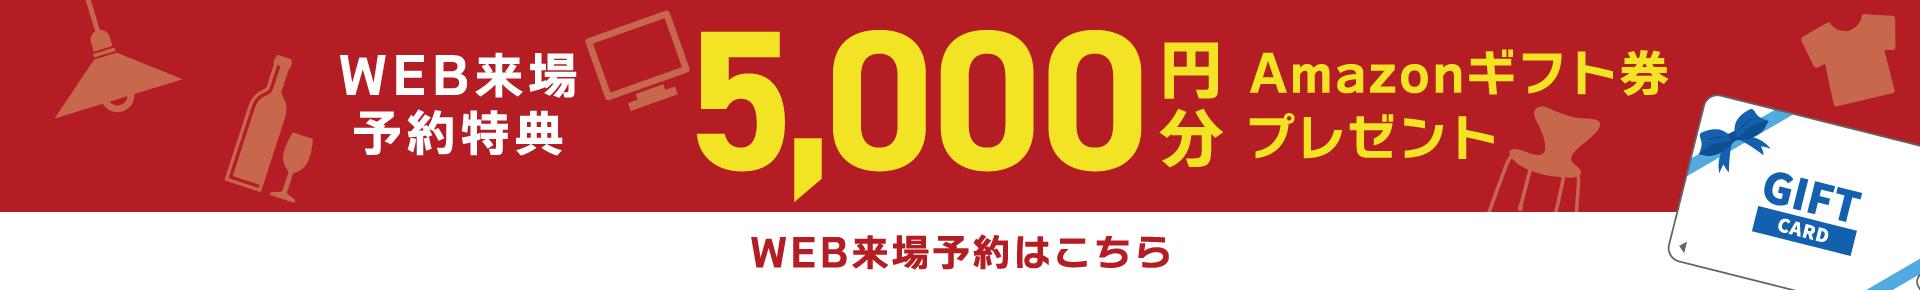 WEB来場予約特典 最大3,000円分 マックカードプレゼント